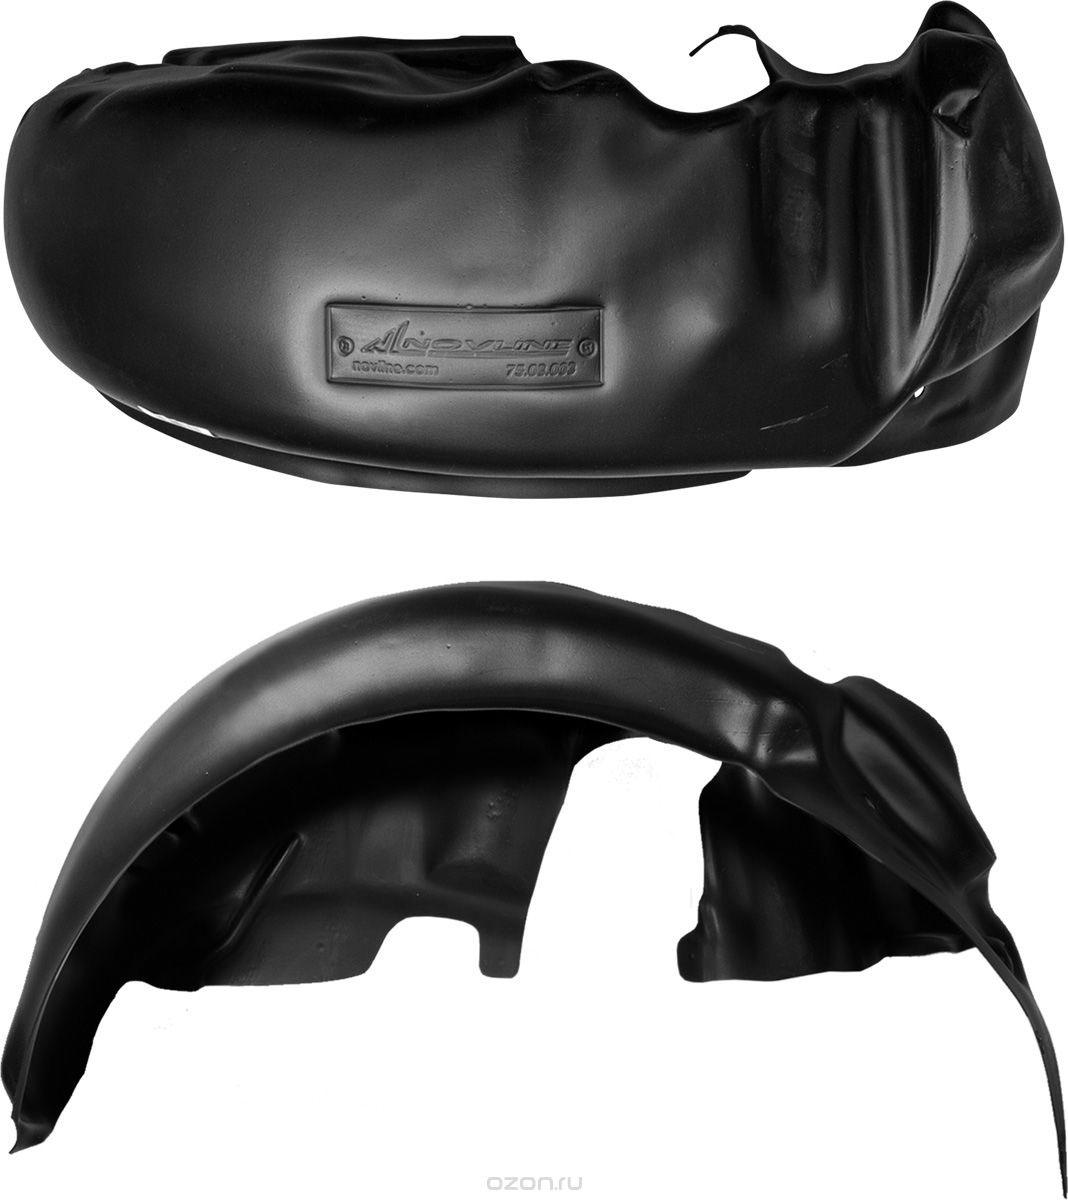 Подкрылок Novline-Autofamily, для ВАЗ 2115, 1997-2012, б/б, передний левый000701Идеальная защита колесной ниши. Локеры разработаны с применением цифровых технологий, гарантируют максимальную повторяемость поверхности арки. Изделия устанавливаются без нарушения лакокрасочного покрытия автомобиля, каждый подкрылок комплектуется крепежом. Уважаемые клиенты, обращаем ваше внимание, что фотографии на подкрылки универсальные и не отражают реальную форму изделия. При этом само изделие идет точно под размер указанного автомобиля.